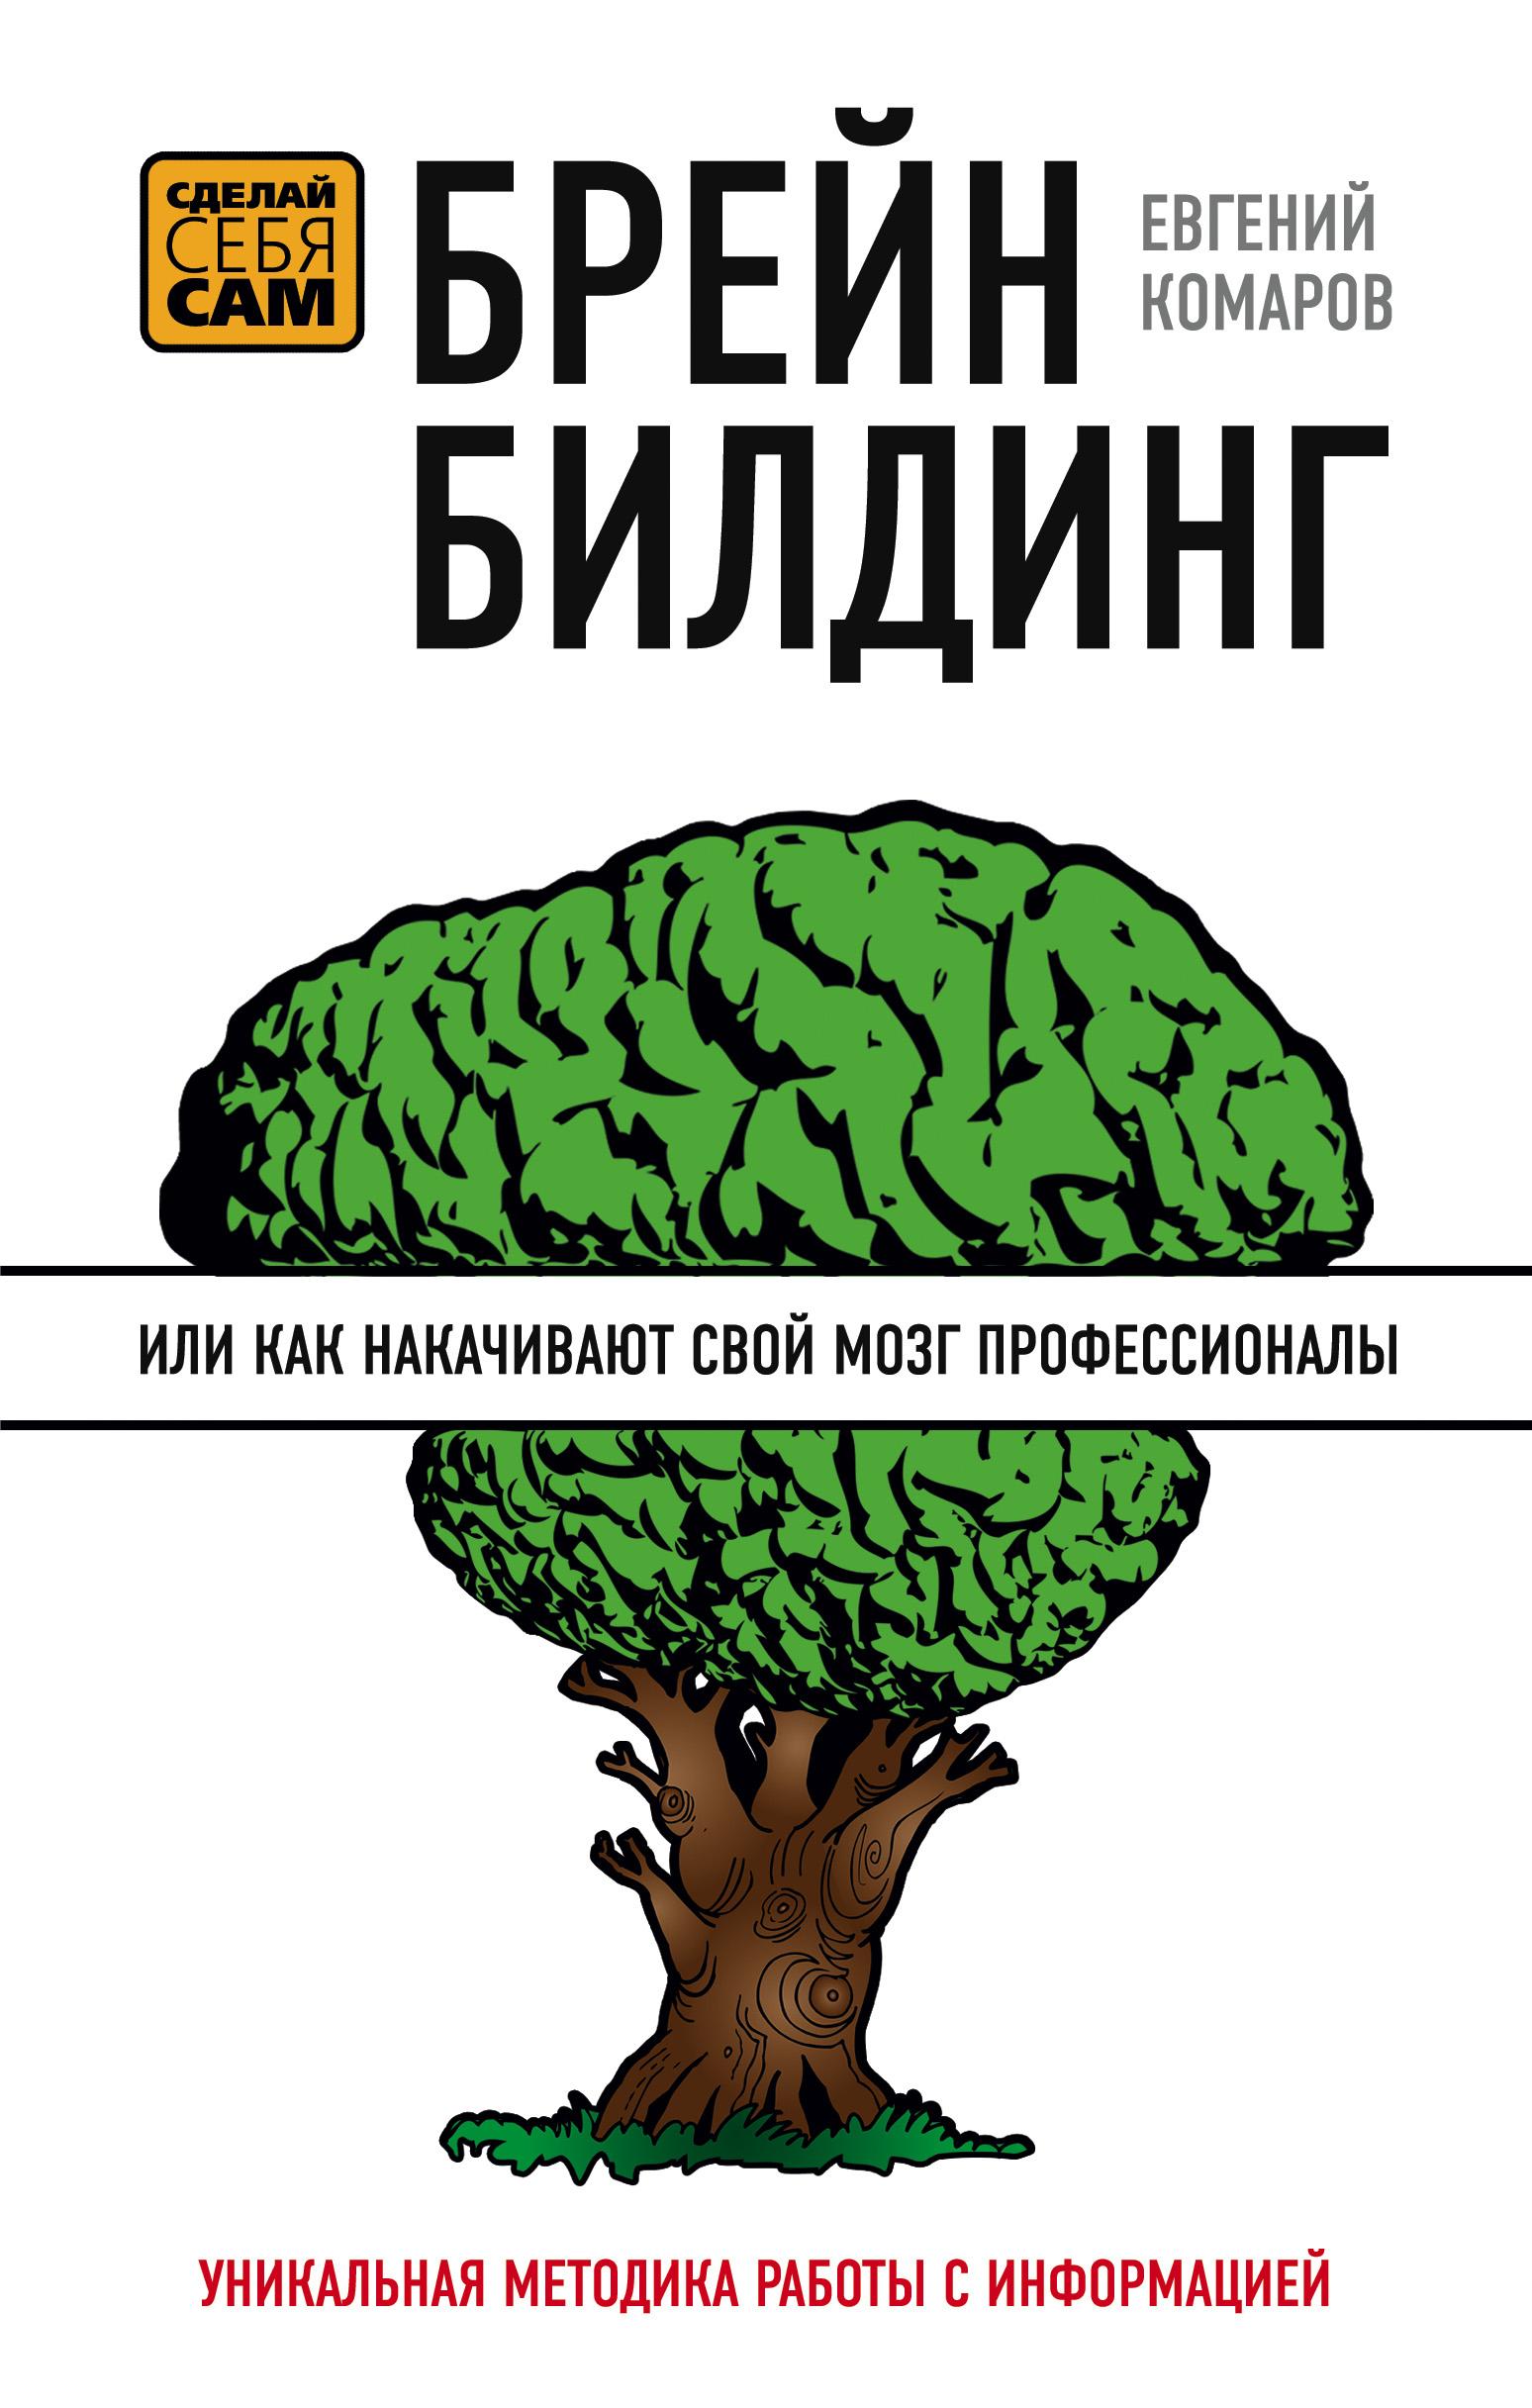 Евгений Иванович Комаров Брейнбилдинг, или Как накачивают свой мозг профессионалы